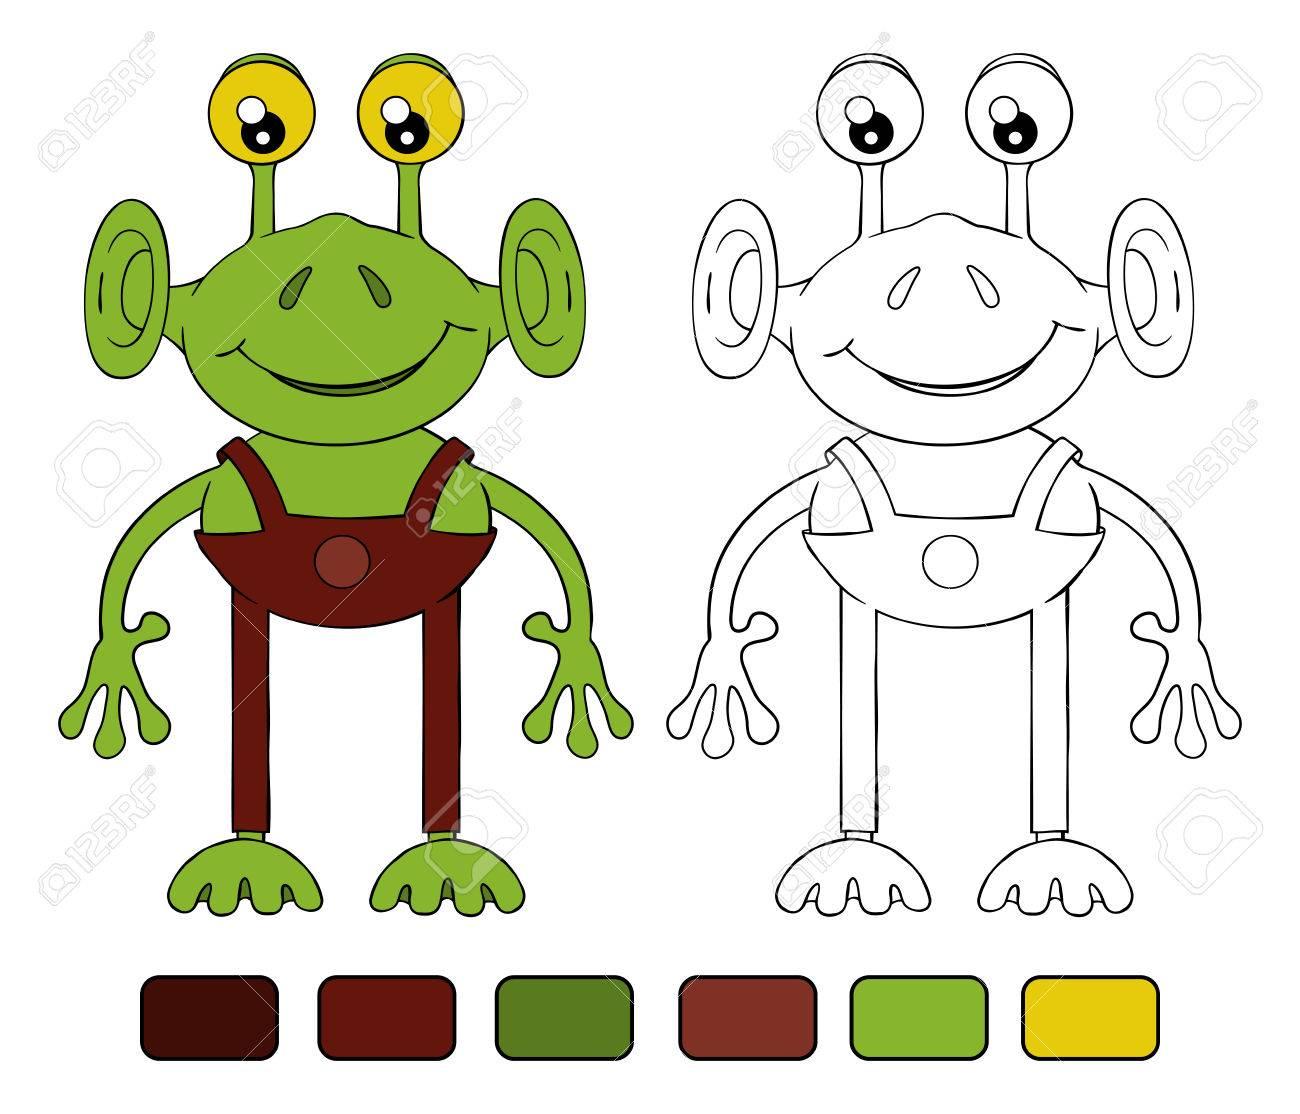 Funny Cartoon Alien Coloring Book Royalty Free Cliparts Vectors